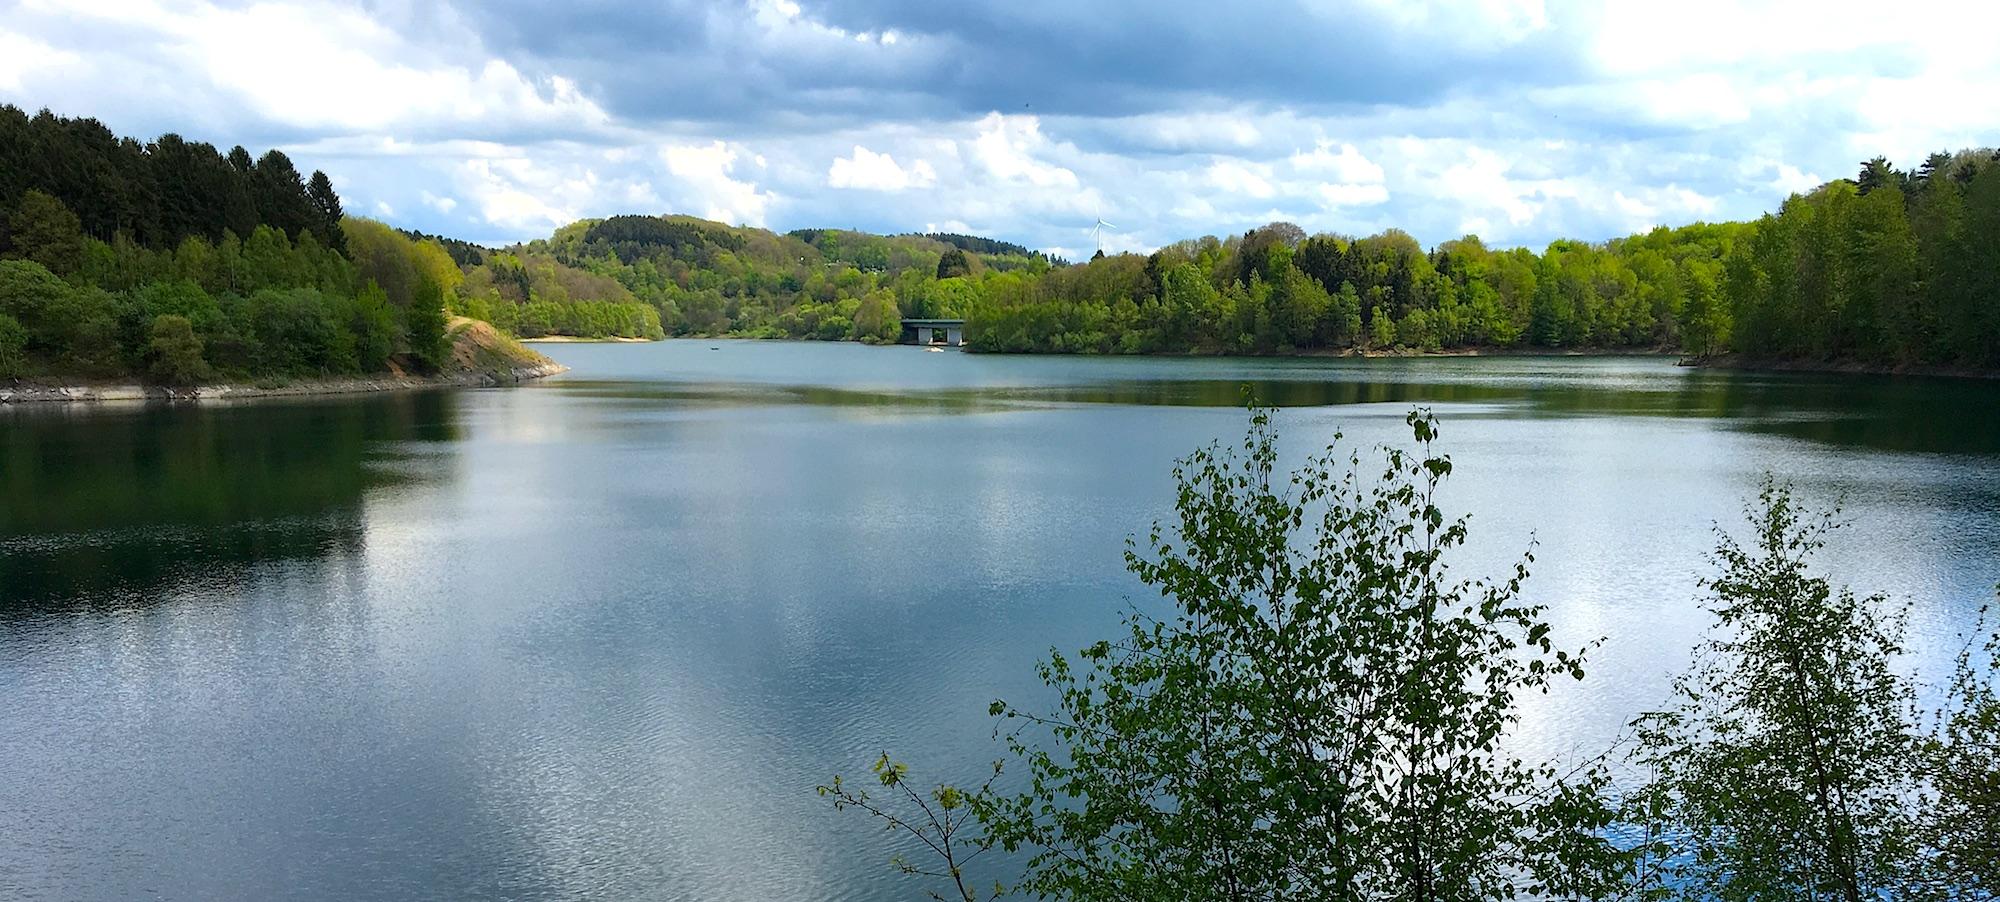 13 мая 2017, водохранилище на реке Вуппер.